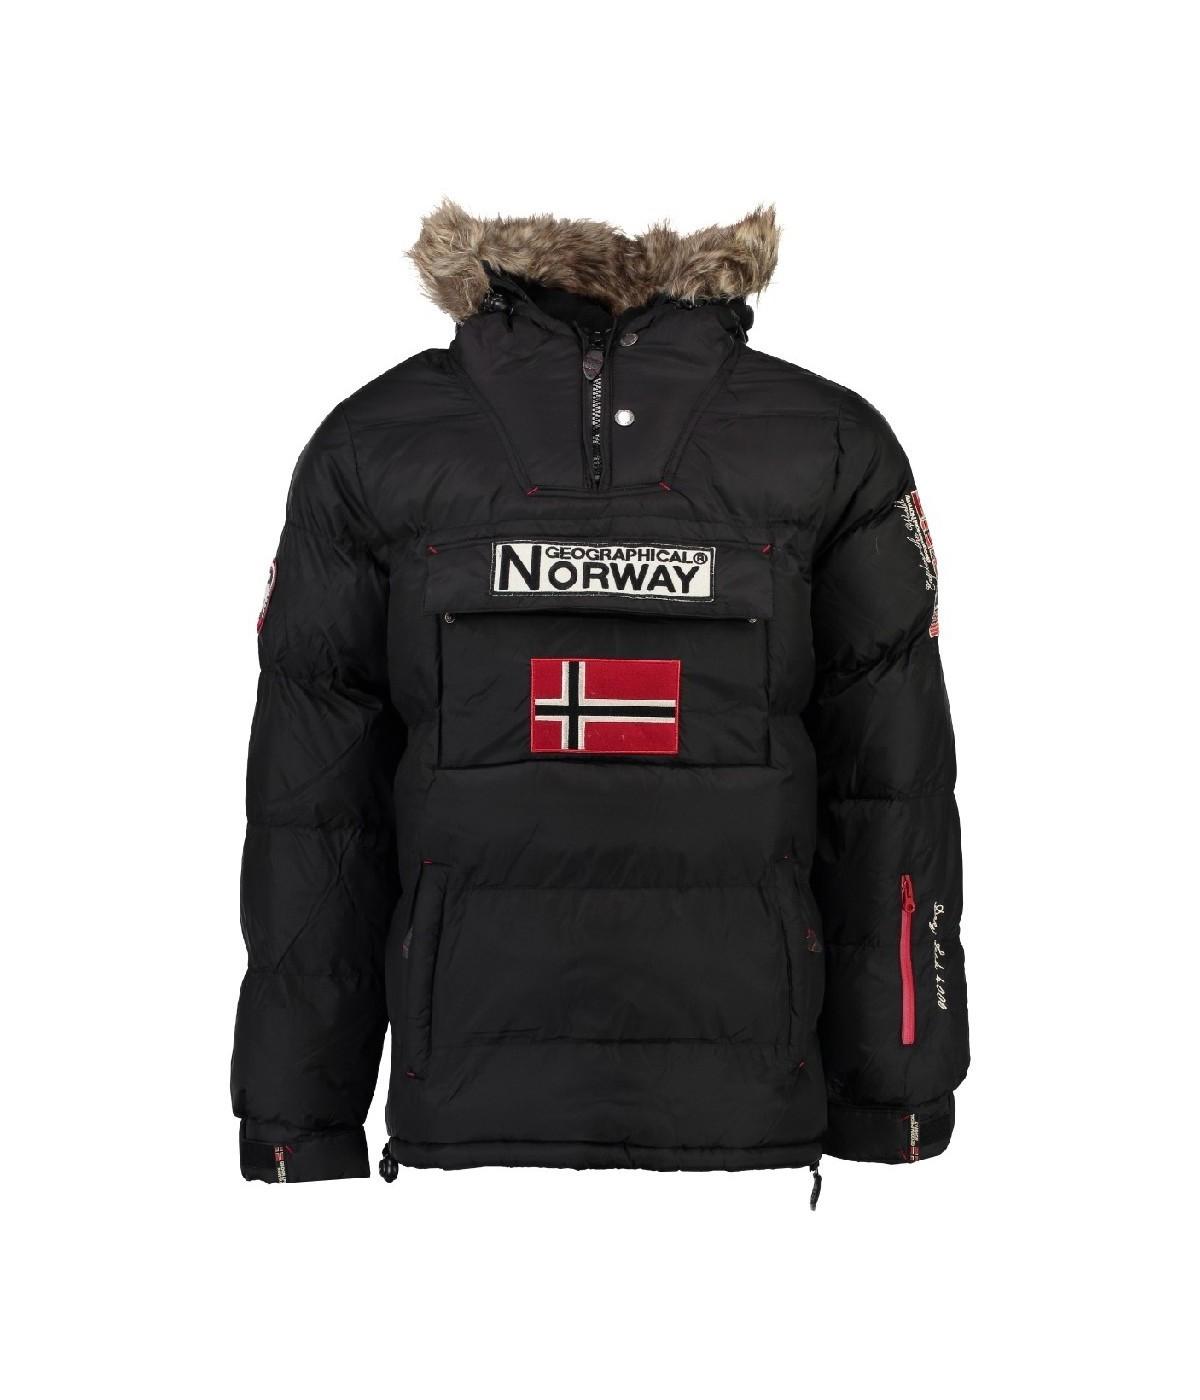 nouveau concept 6eb81 e6d8e Parka Homme Geographical Norway Brice Noir   SHOWROOMVIP : Parkas  passe-tête Homme